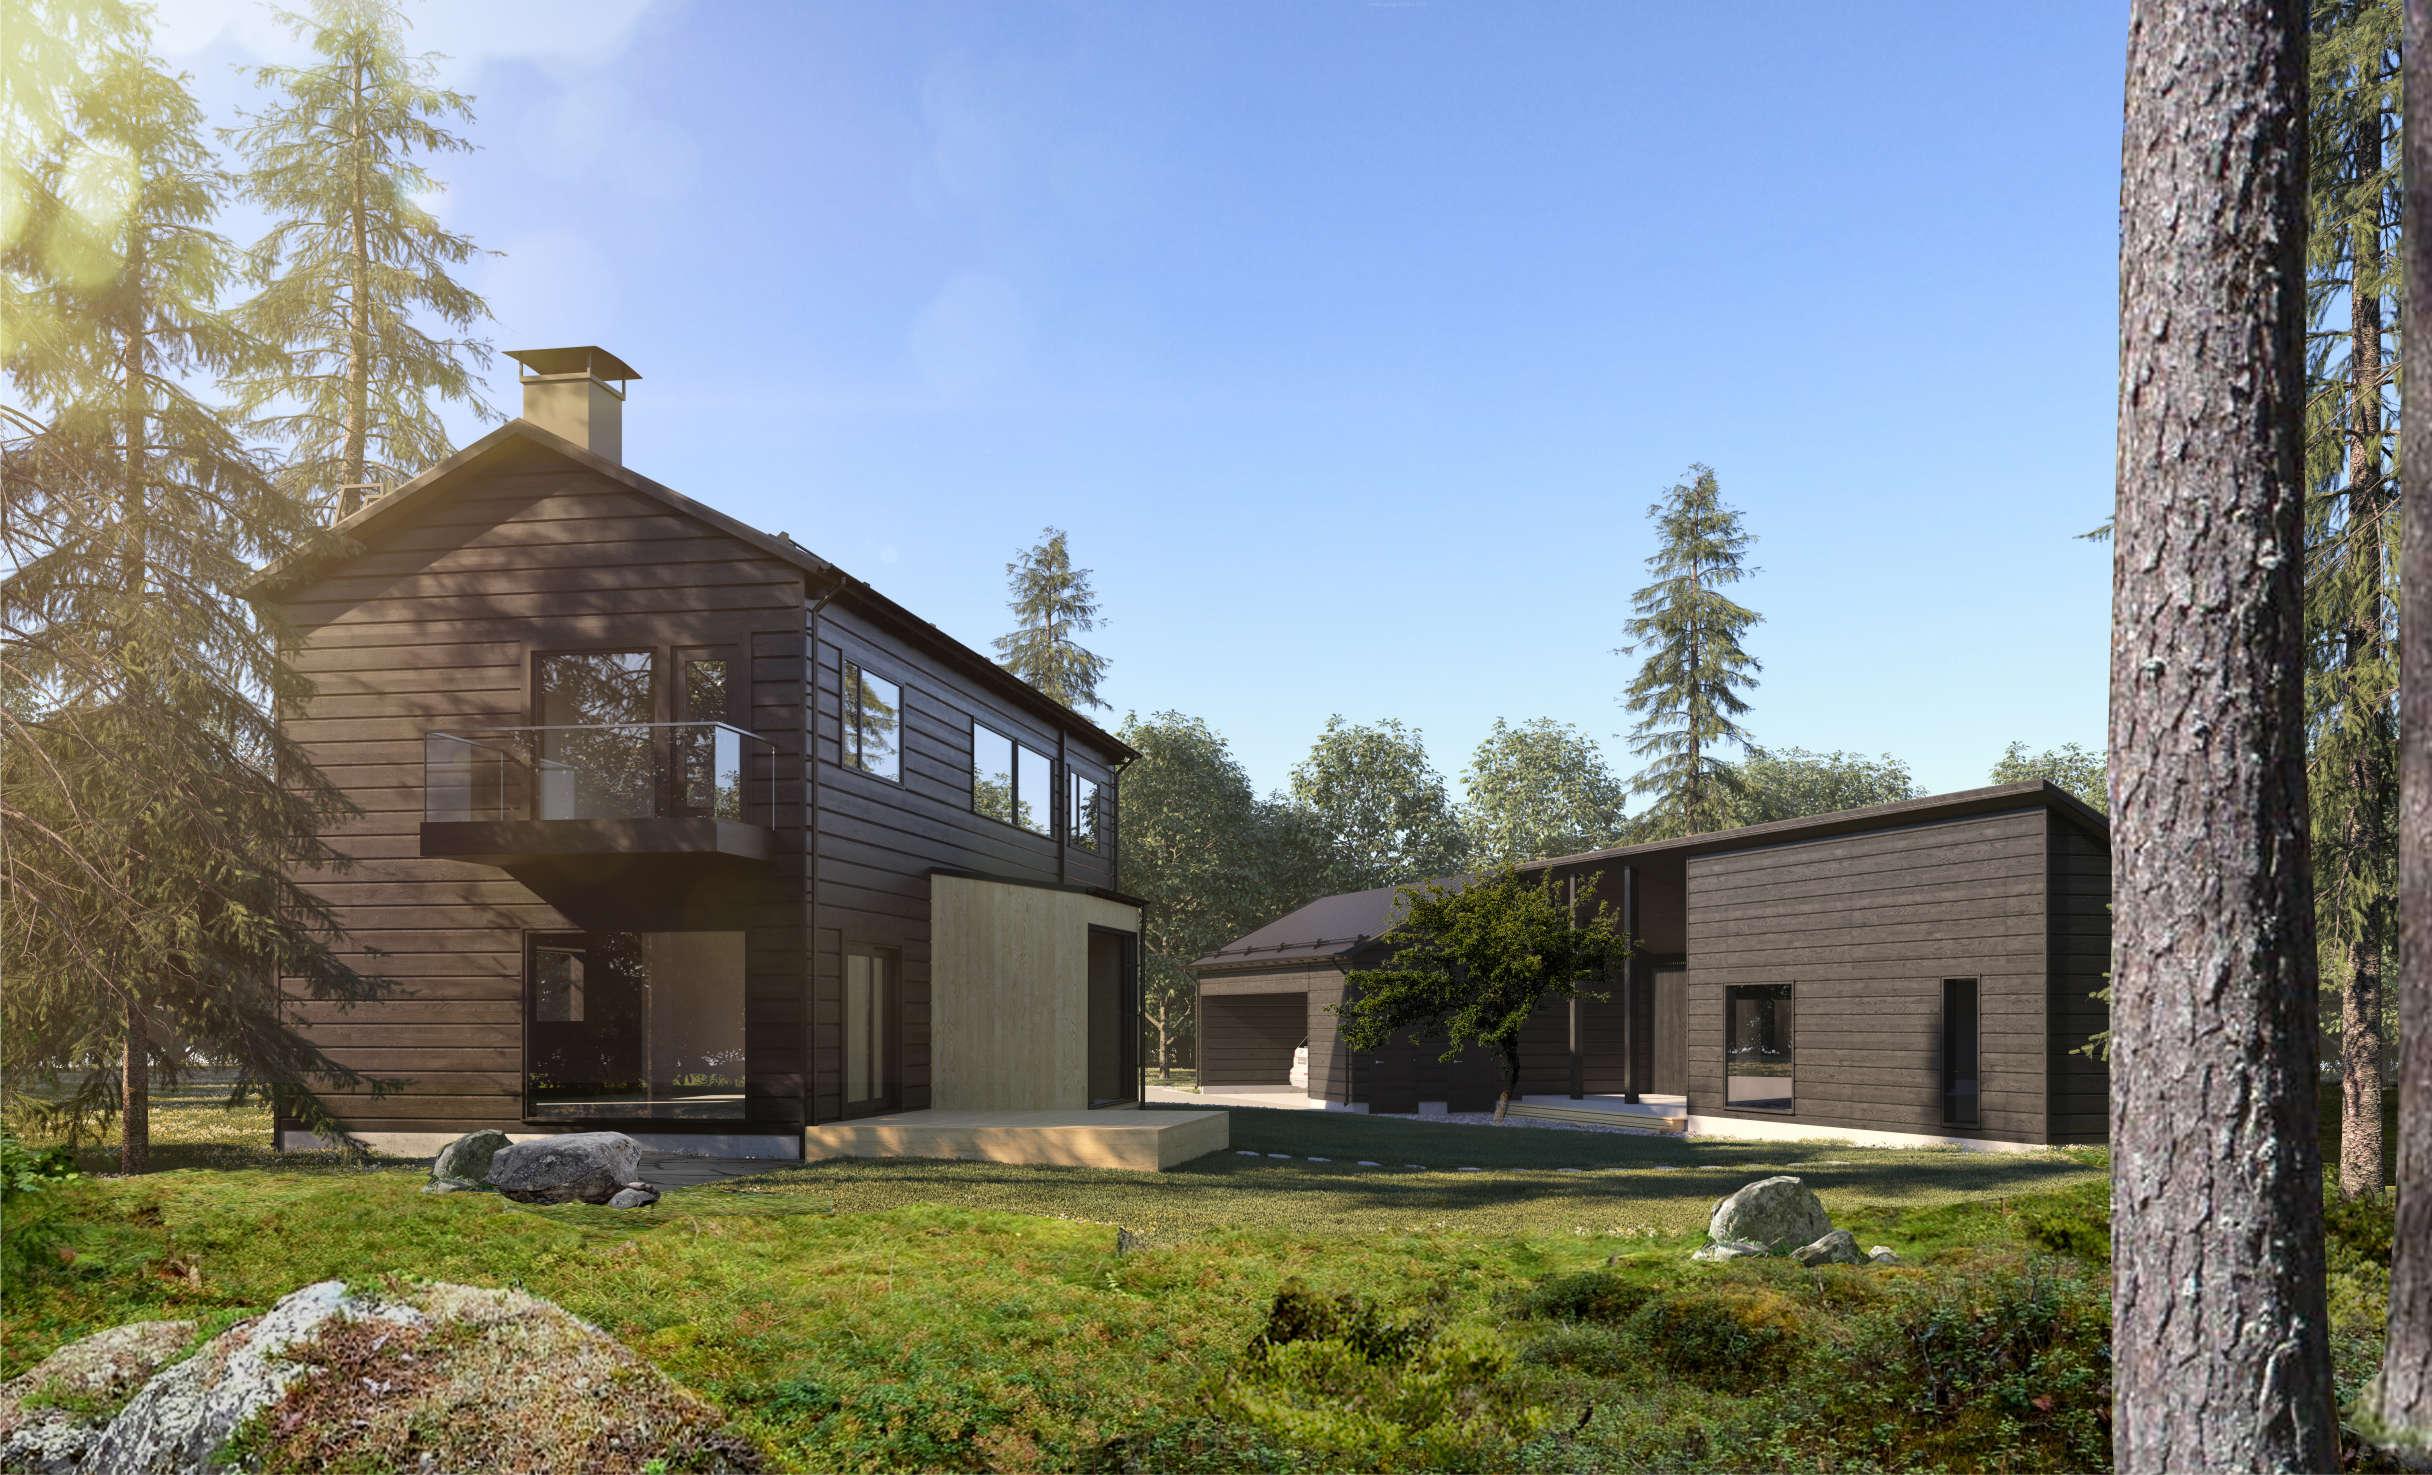 cовременный двухэтажный деревянный дом markki